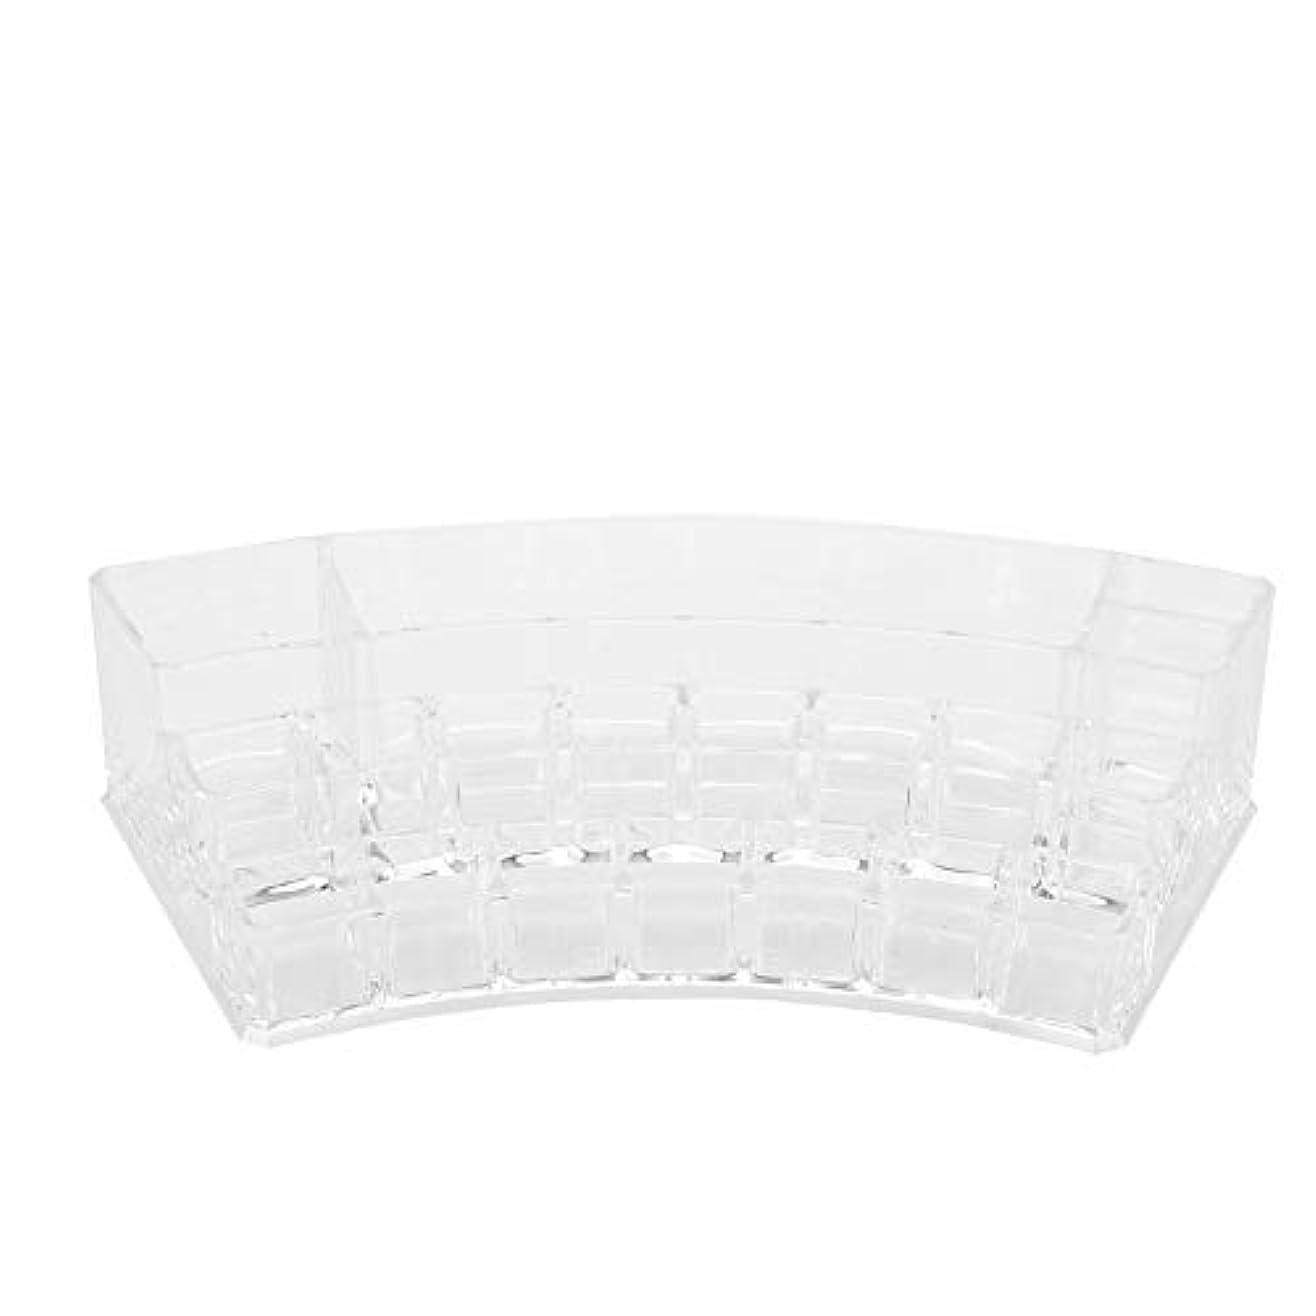 気がついて欠席空気19グリッドプラスチック収納ボックス - ディスプレイケースネイルアートタトゥーツールオーガナイザー化粧品ディスプレイ